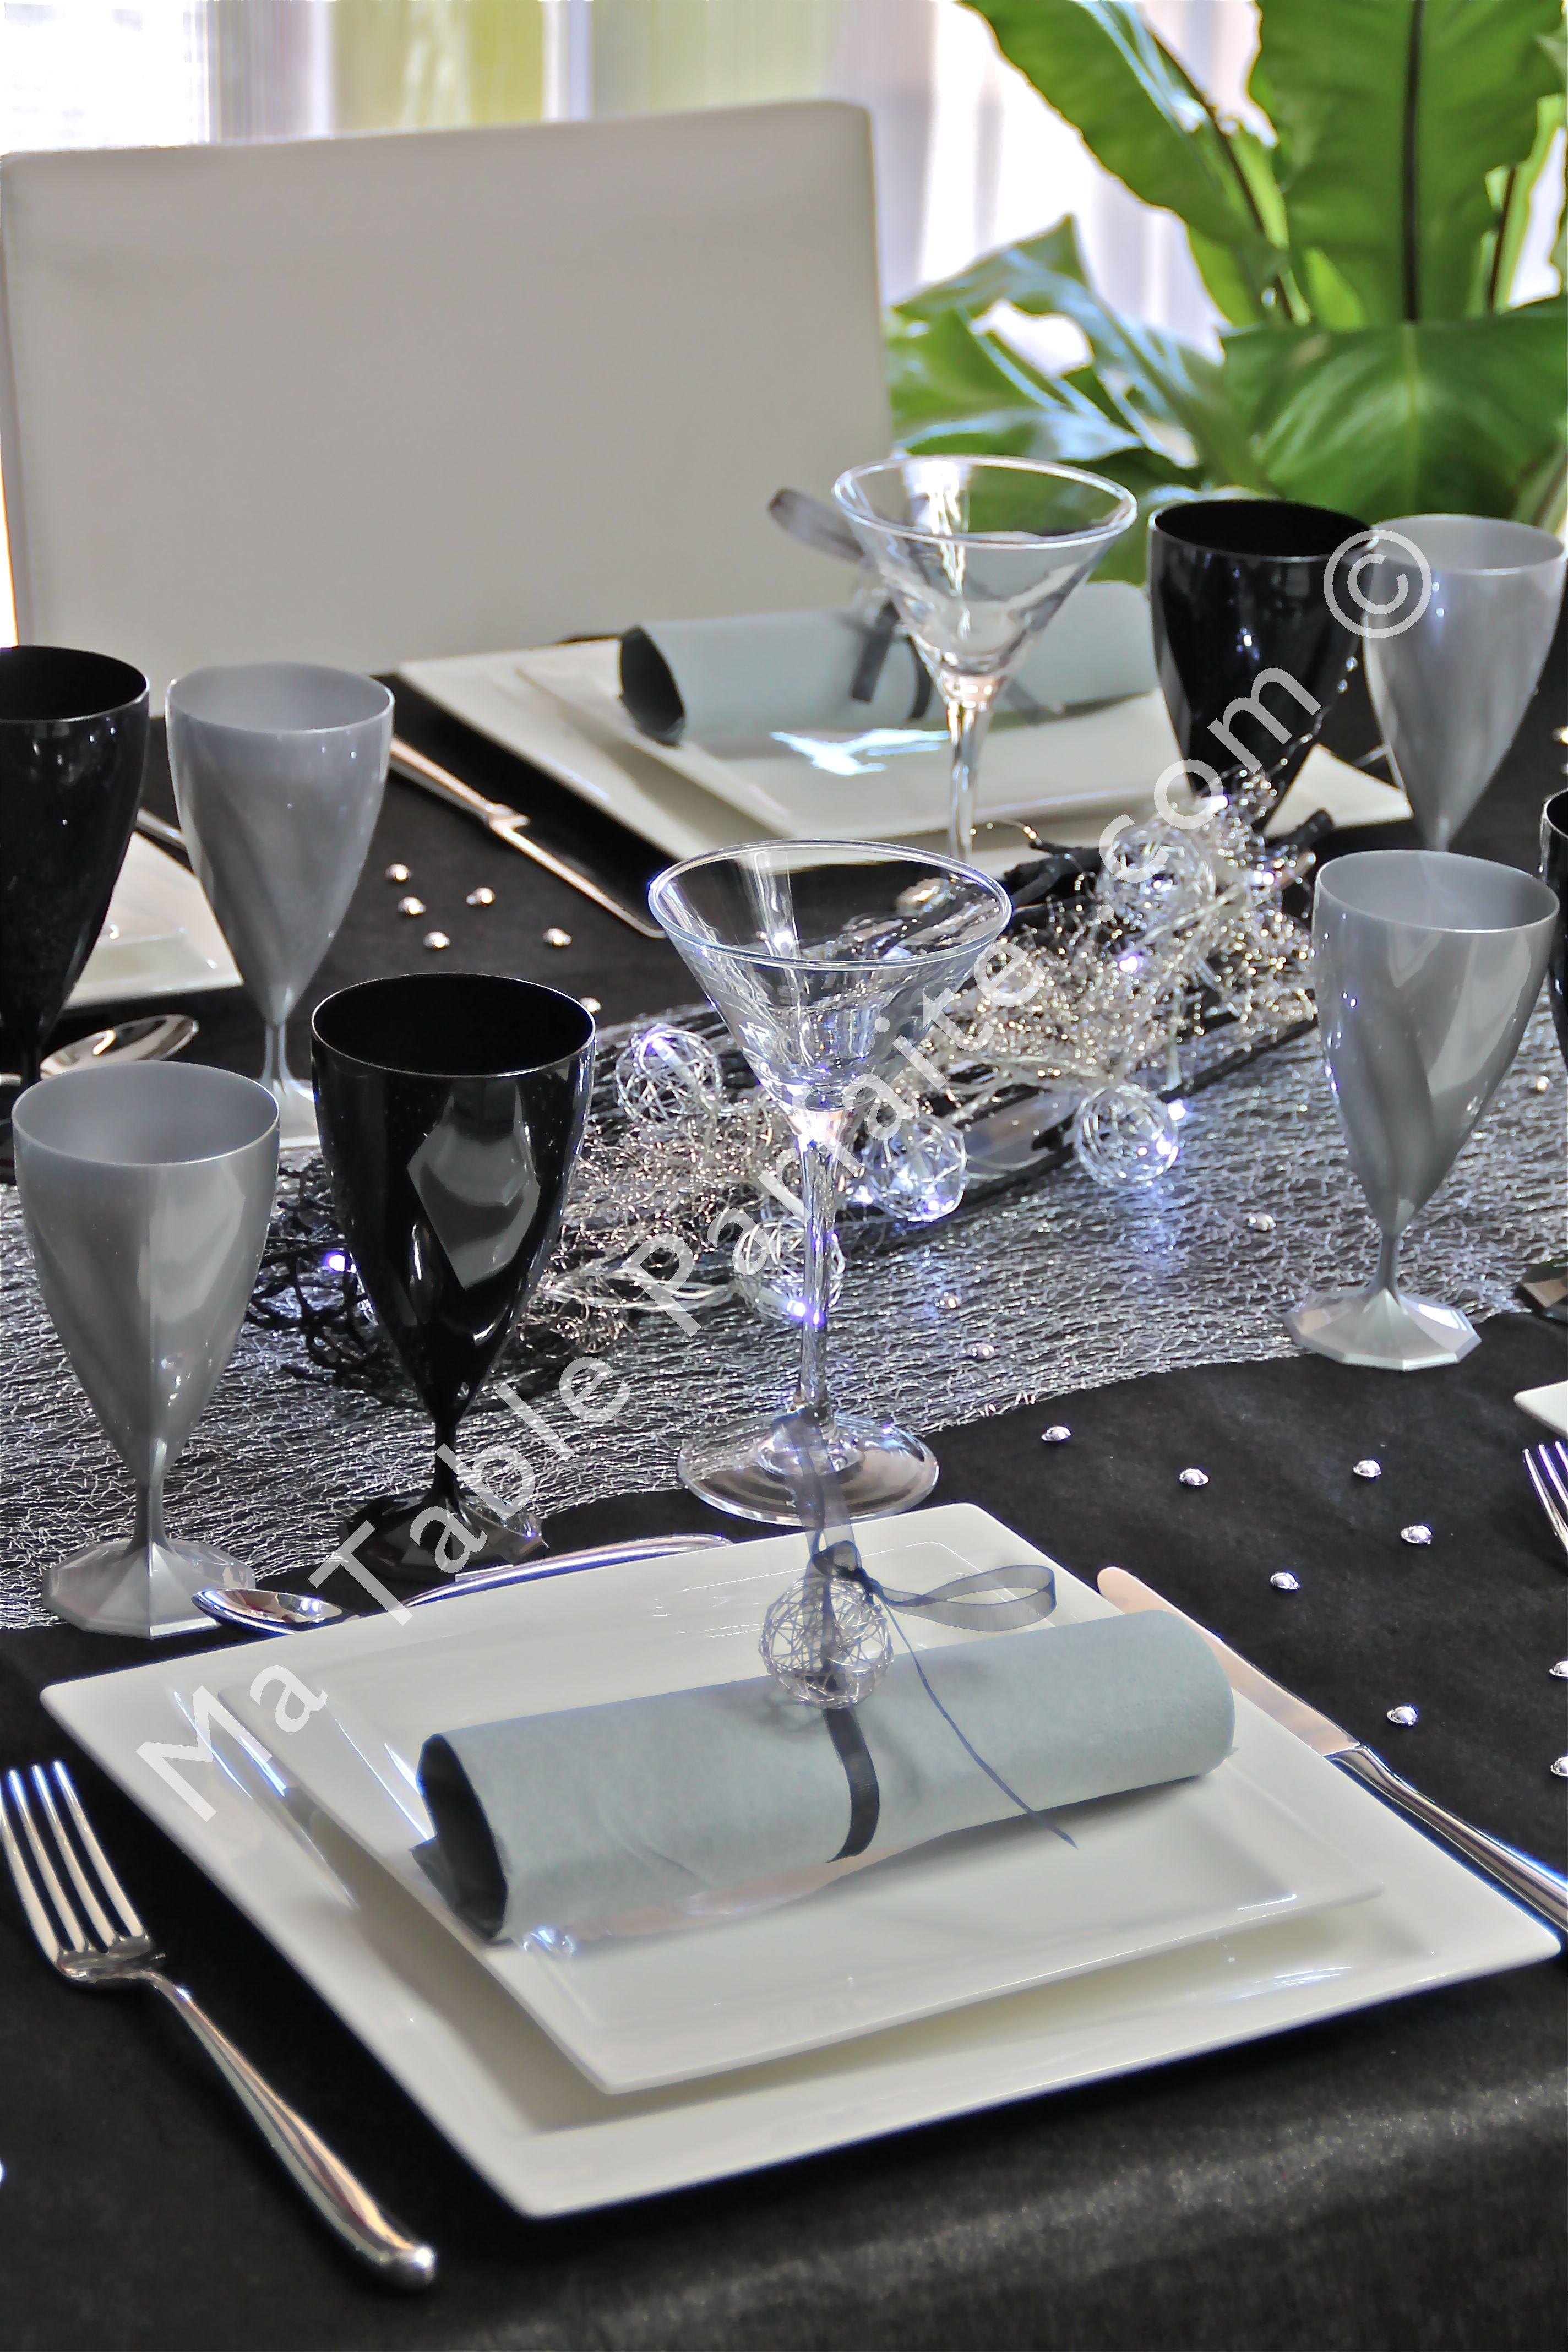 décoration de table prête-à-poser noir profond et argent avec nappe